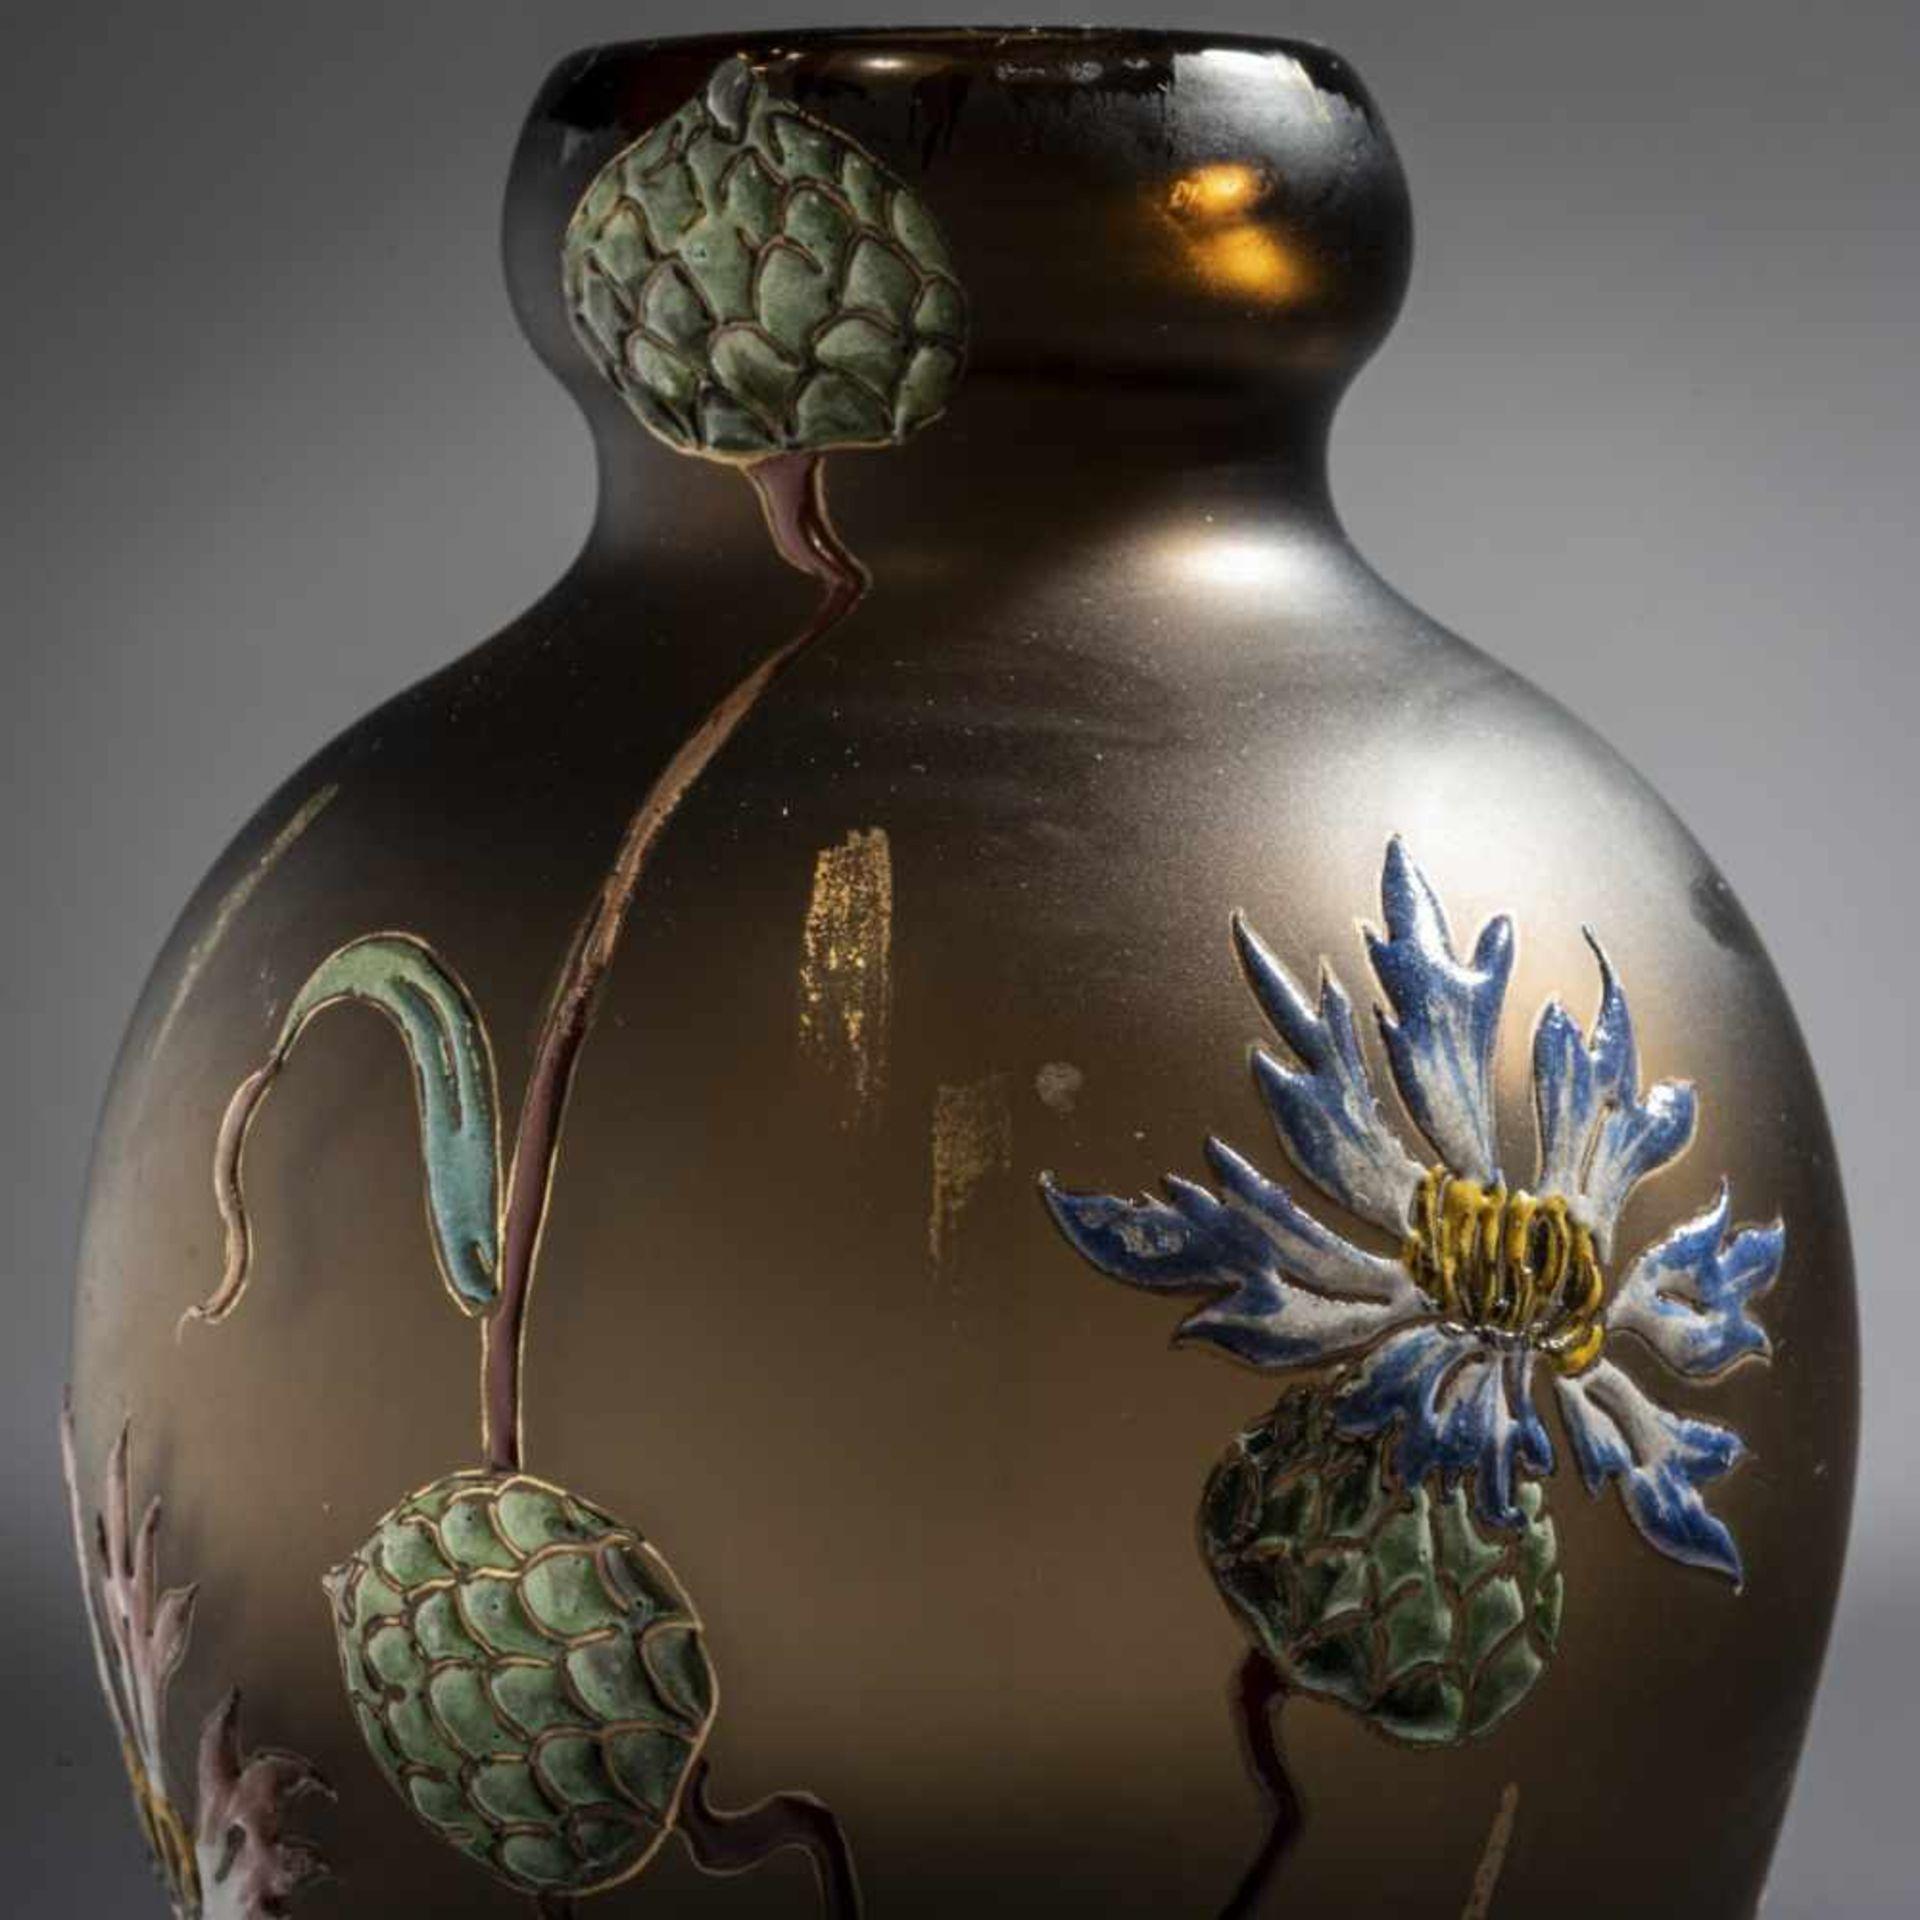 Verrerie d'Art de Lorraine, Burgun Schverer & Cie., Meisenthal, Pair of vases 'Bleuets', c. 1895- - Bild 11 aus 13